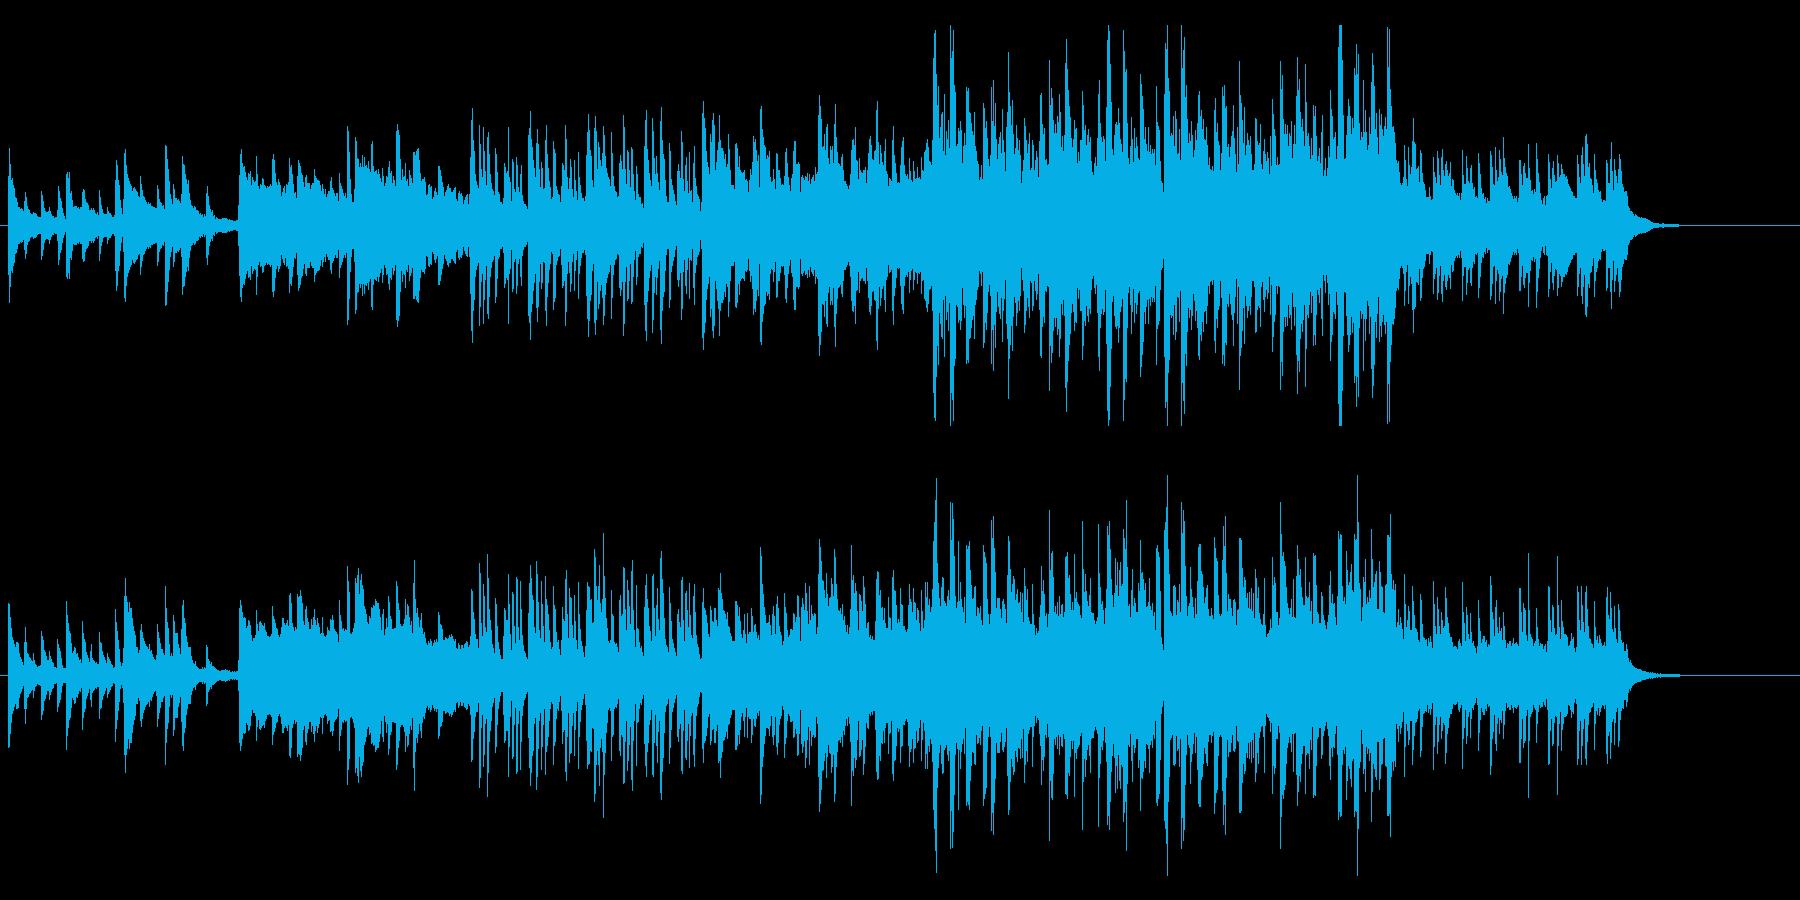 幻想的な7拍子のオーケストラの再生済みの波形